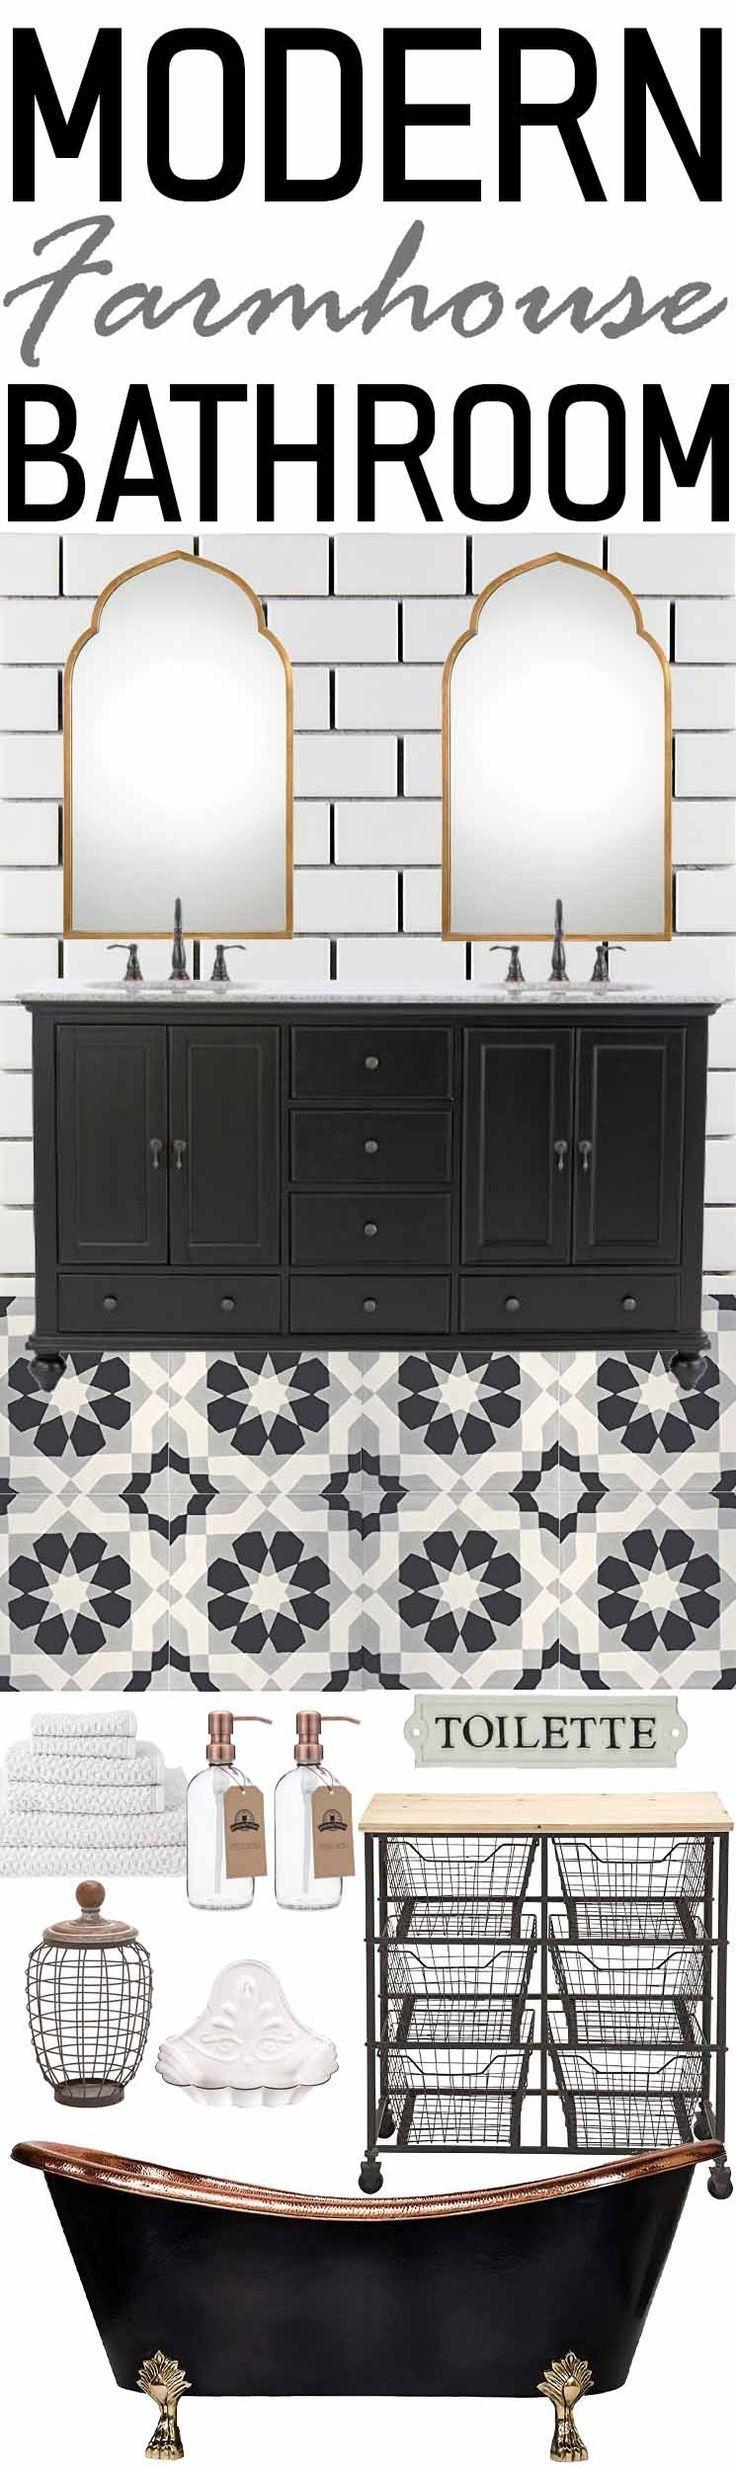 207 best Bathroom Decorating Ideas images on Pinterest   Bathroom ...